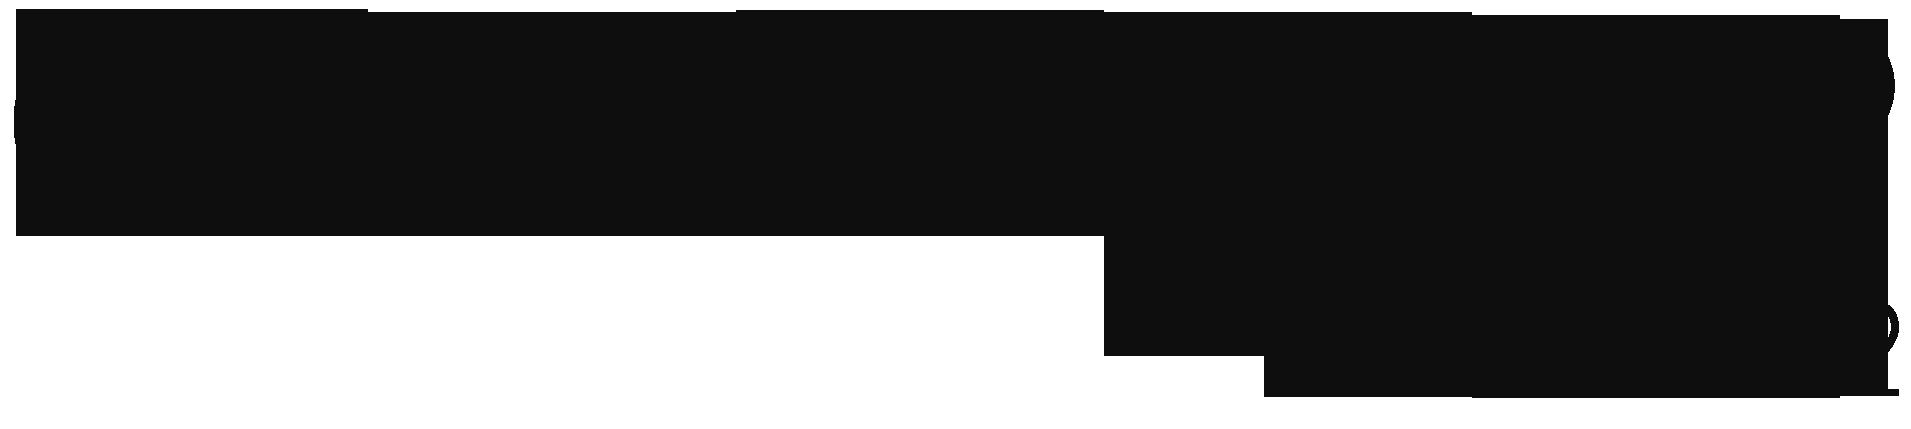 logo CupaGroup